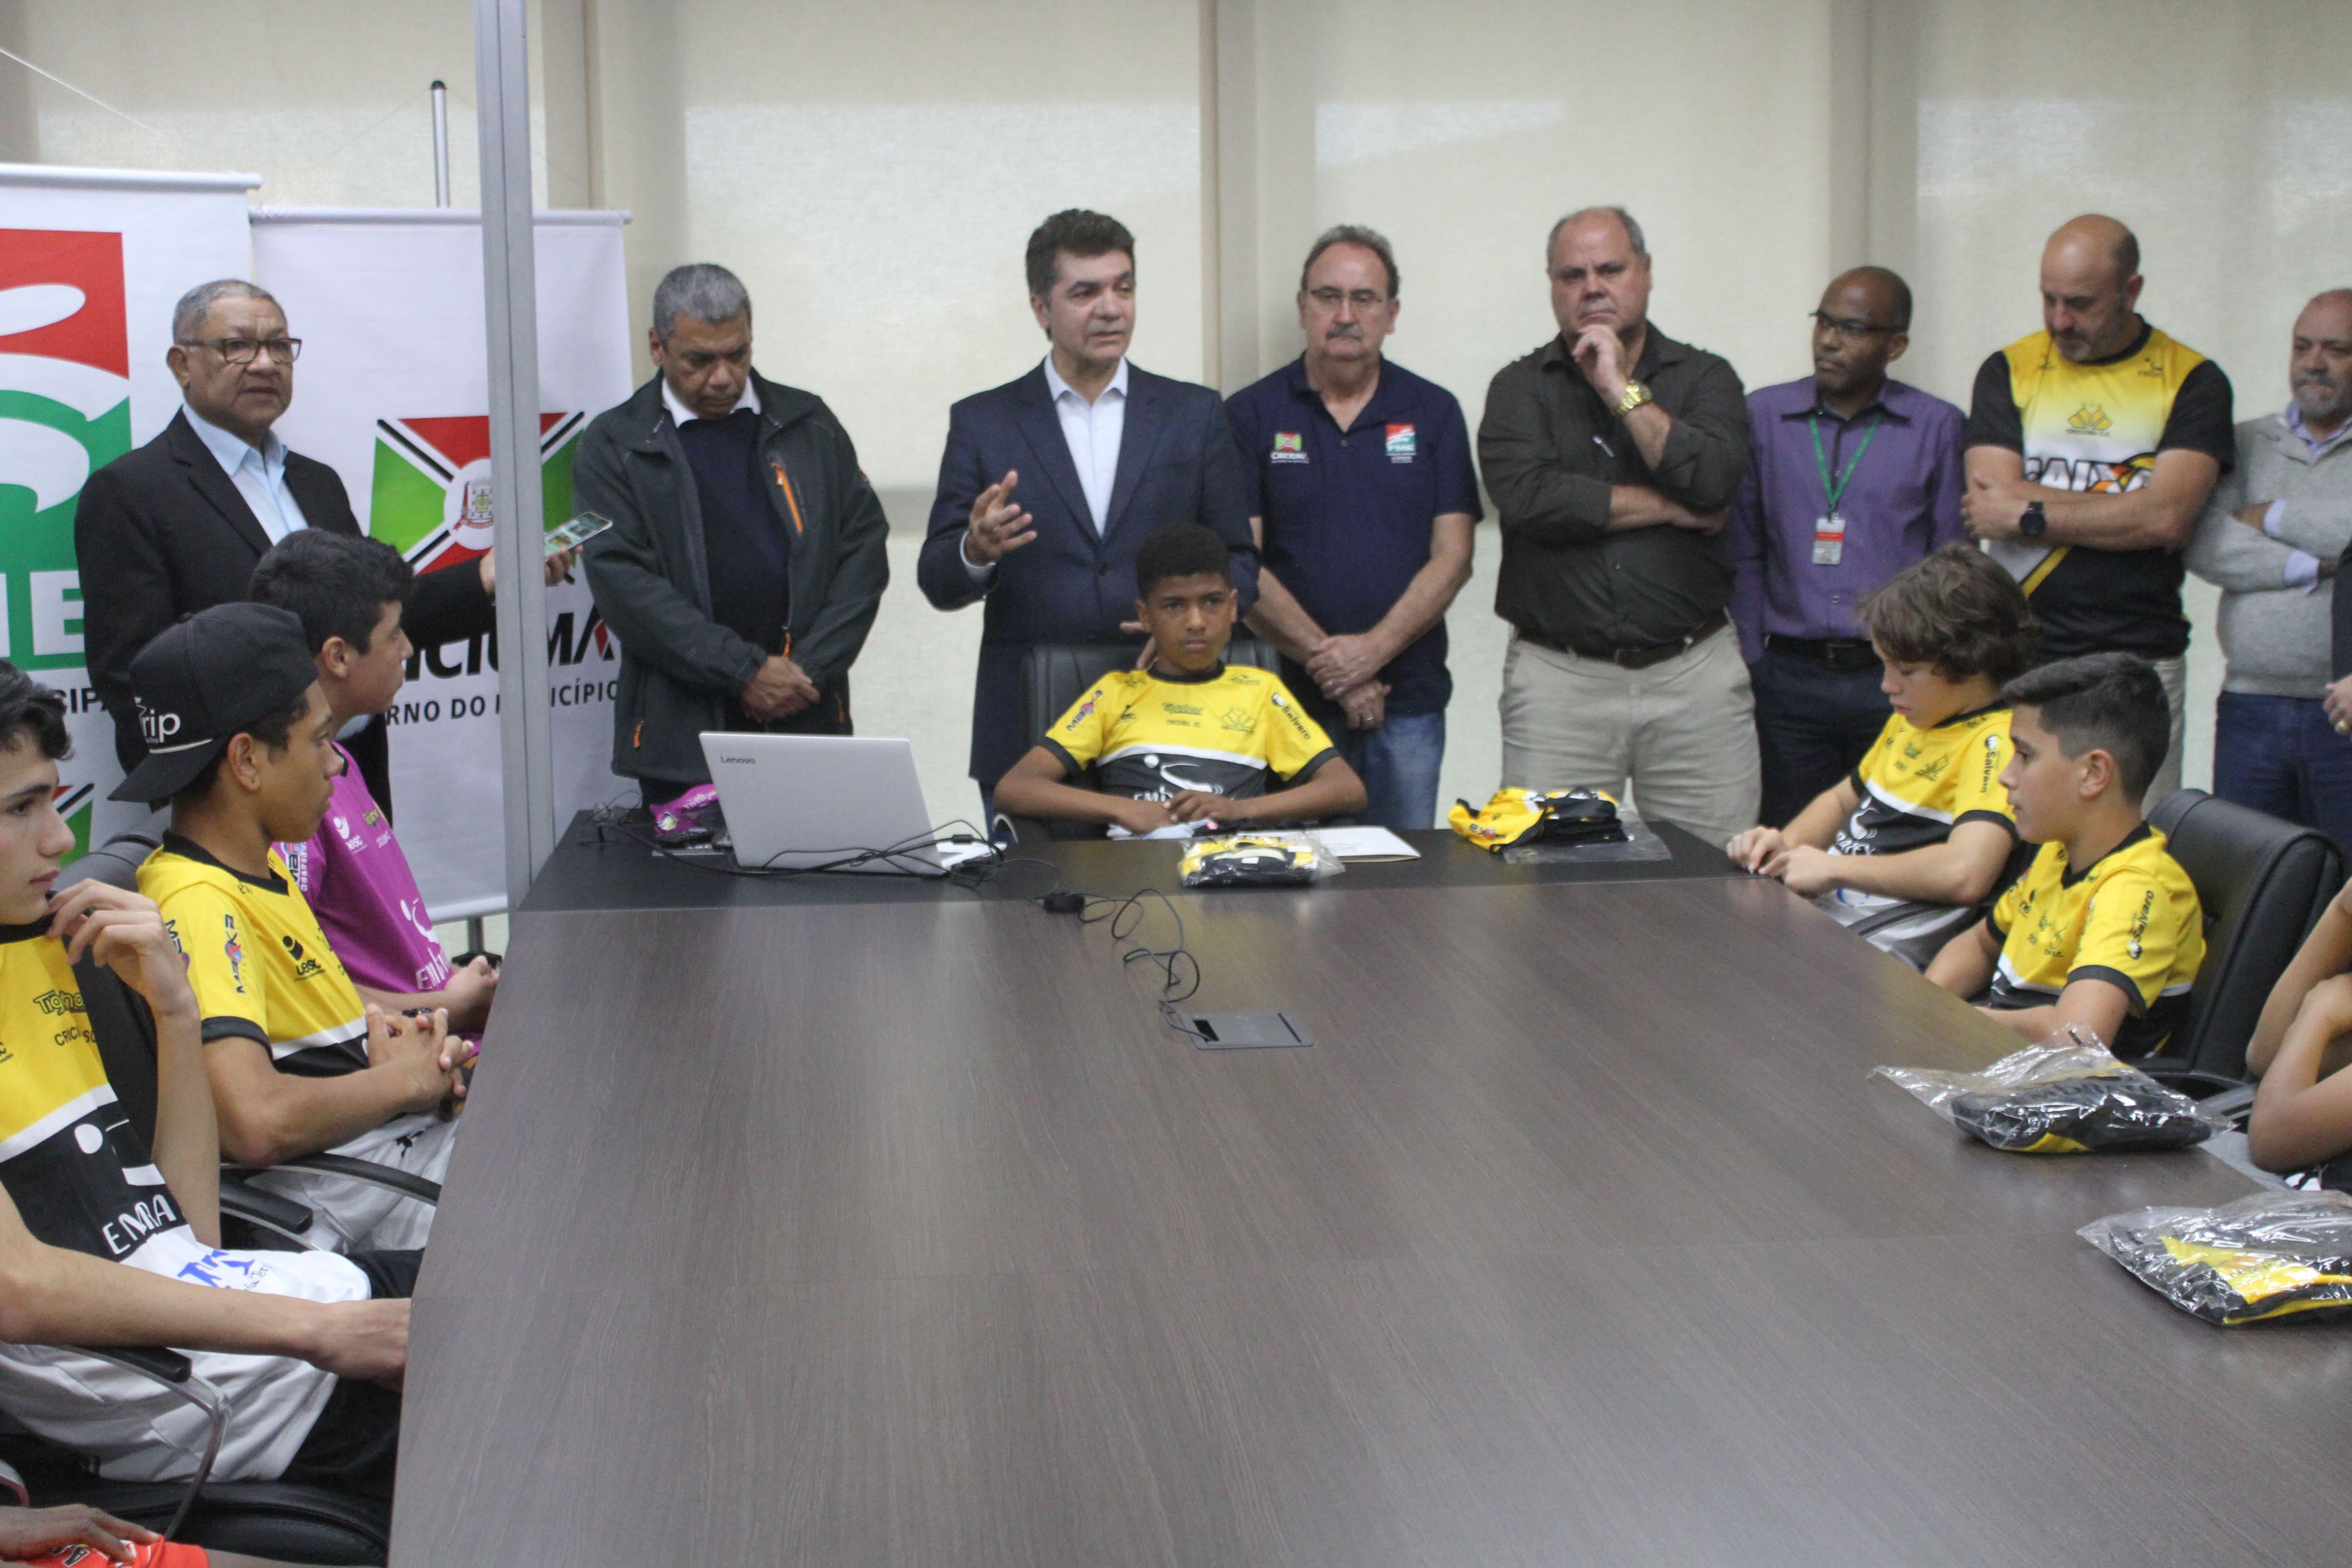 Mesatenistas de Criciúma conquistam sete medalhas no 51º Campeonato Brasileiro